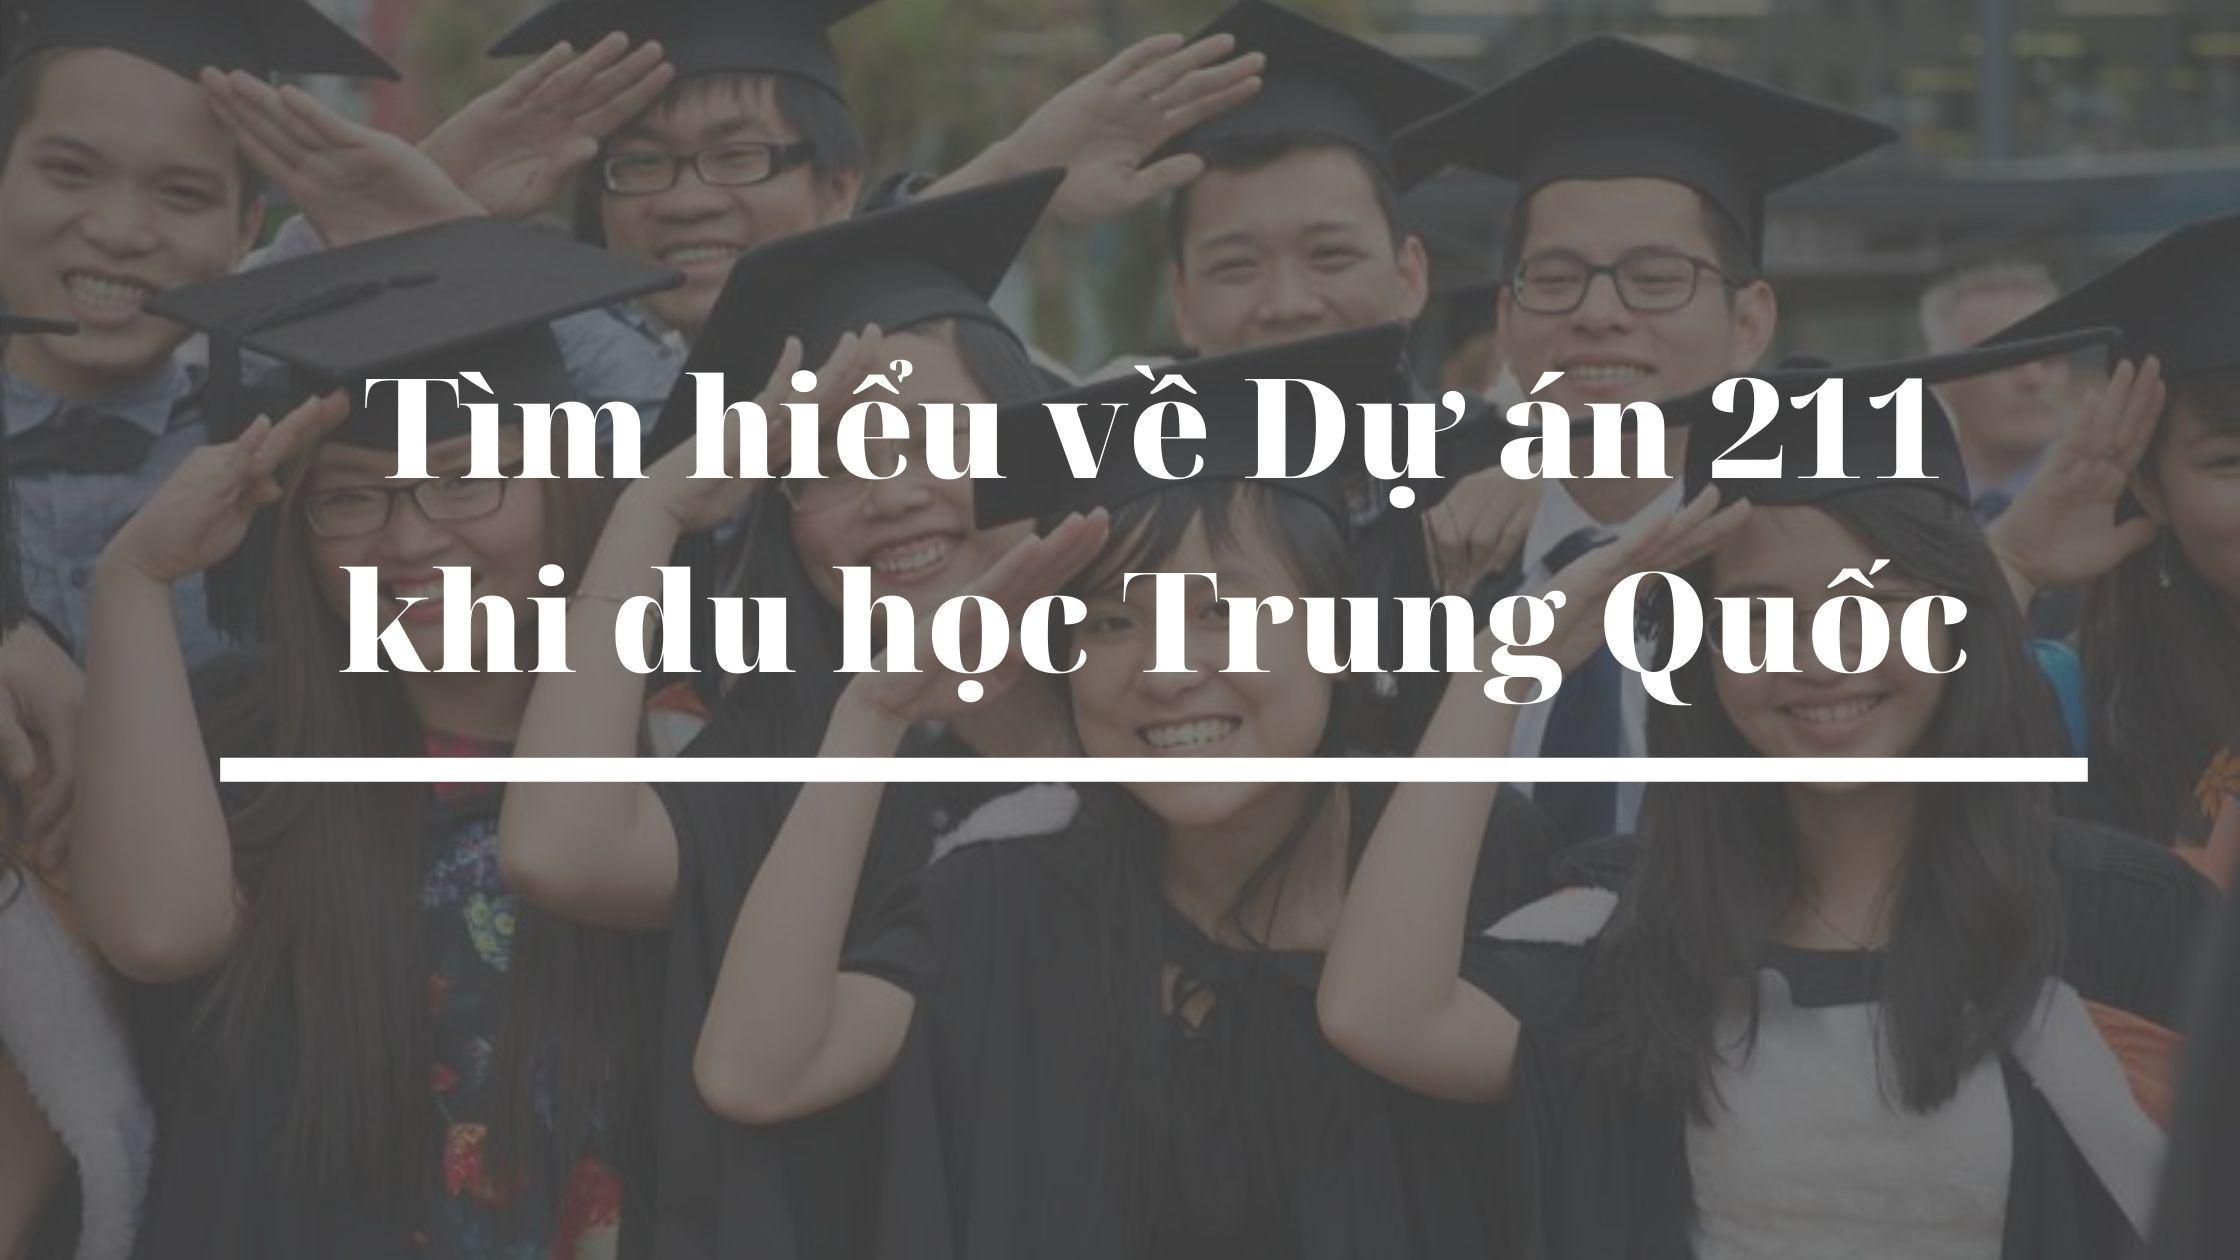 Danh Sách Các Trường Đại Học Thuộc Dự Án 211 Của Trung Quốc